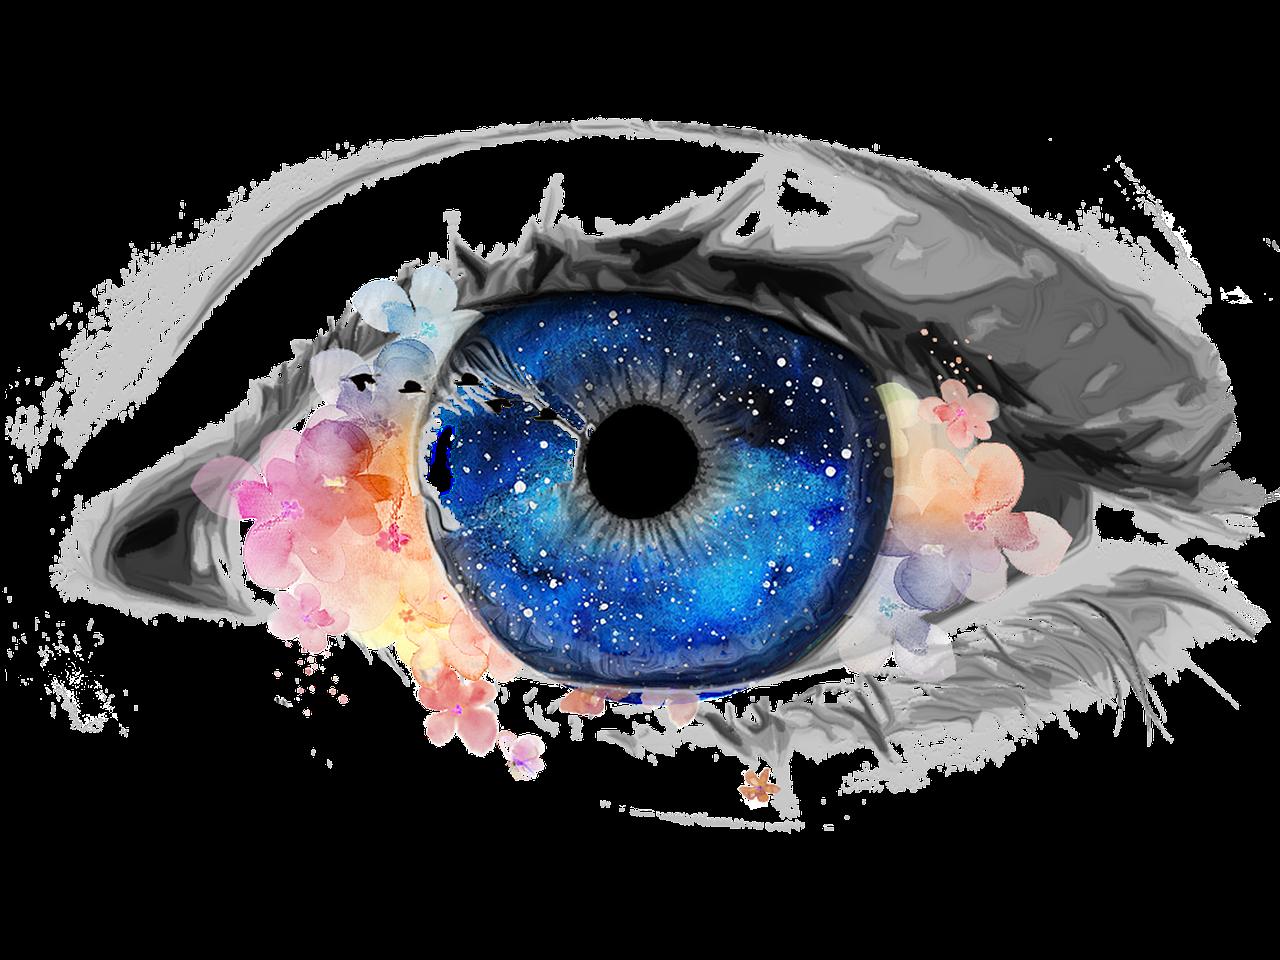 Bild von Daniel Hannah auf Pixabay